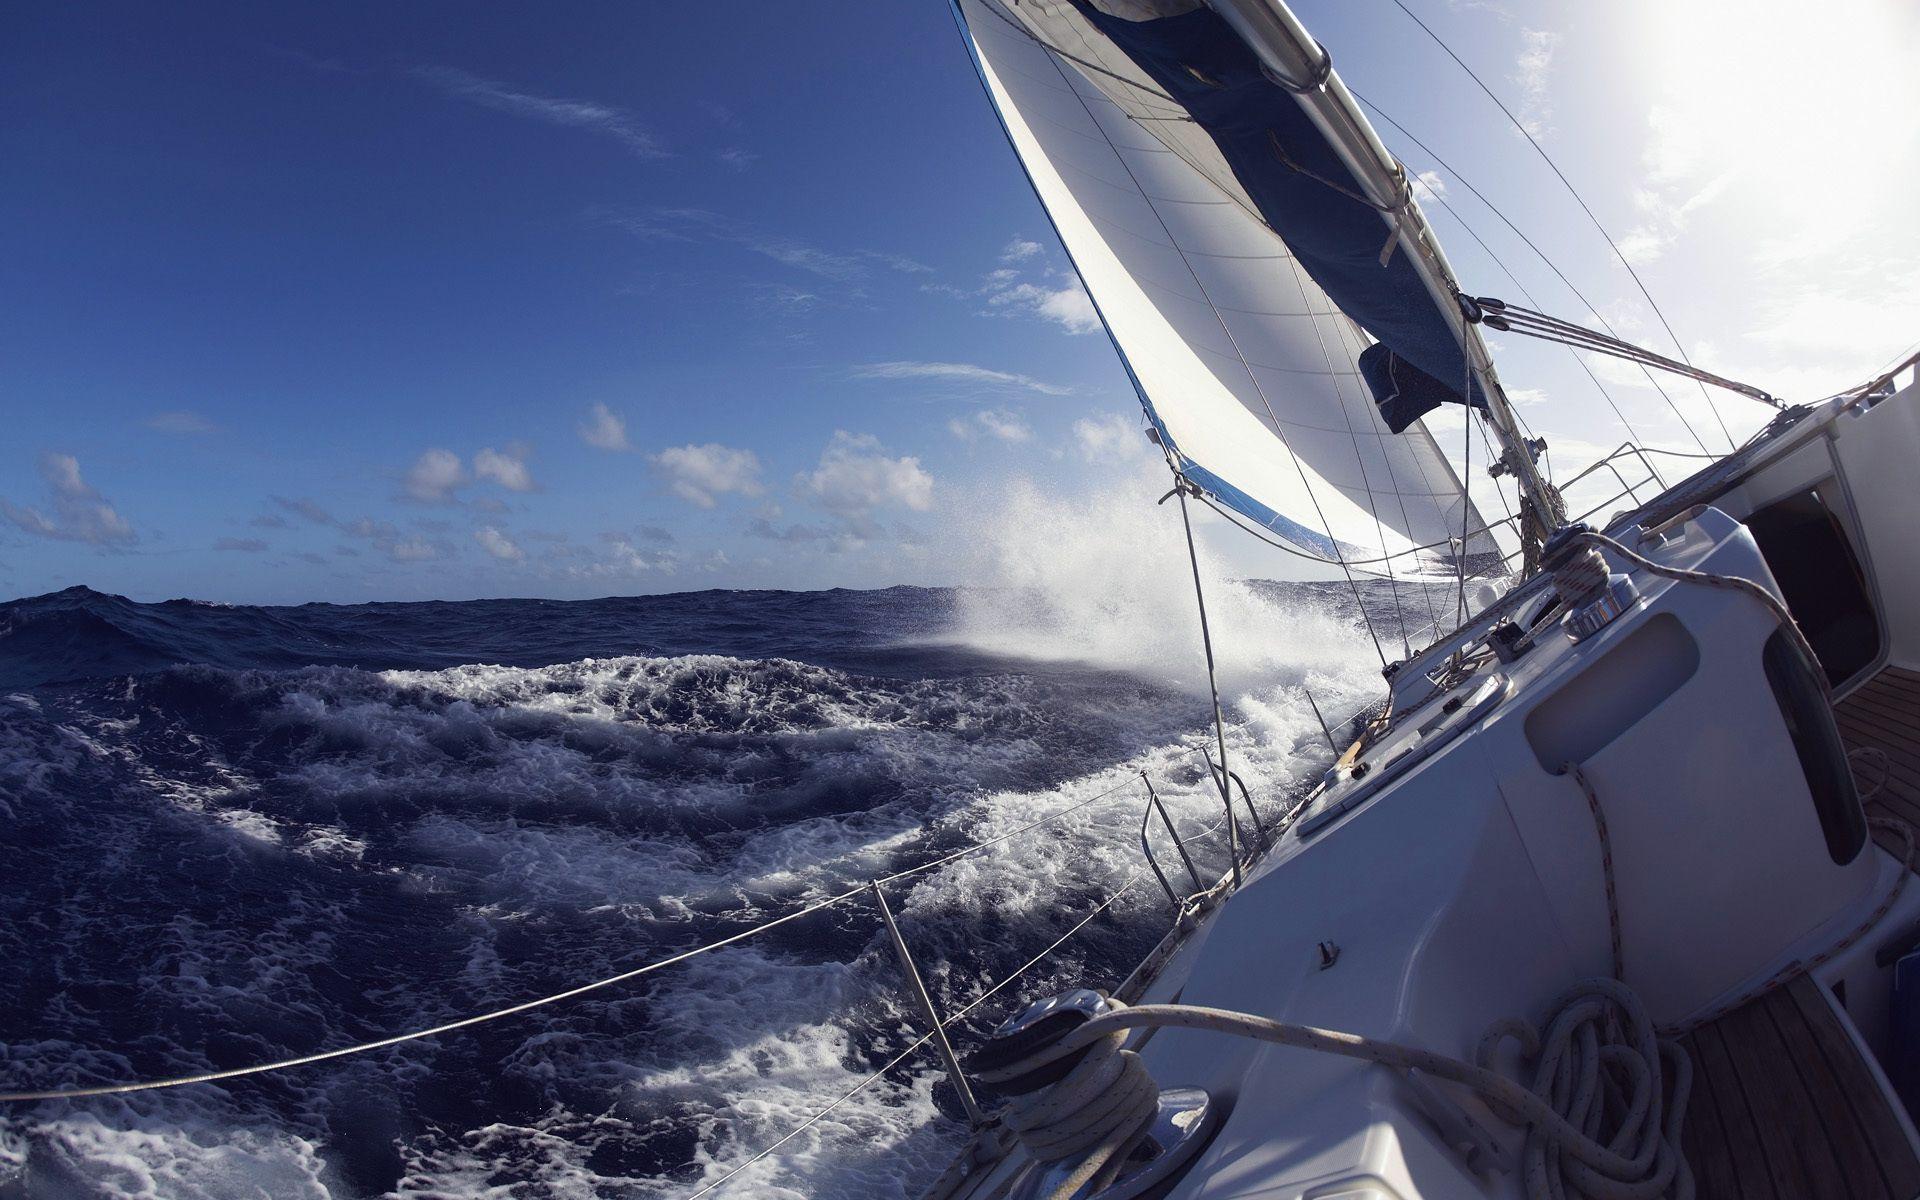 Sailing The Ship Desktop Wallpaper Nautisme Bateau Voile Classique